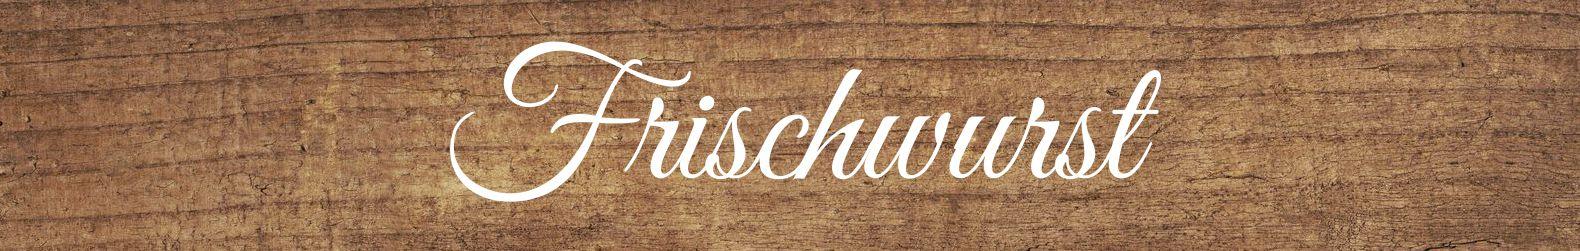 Frischwurst